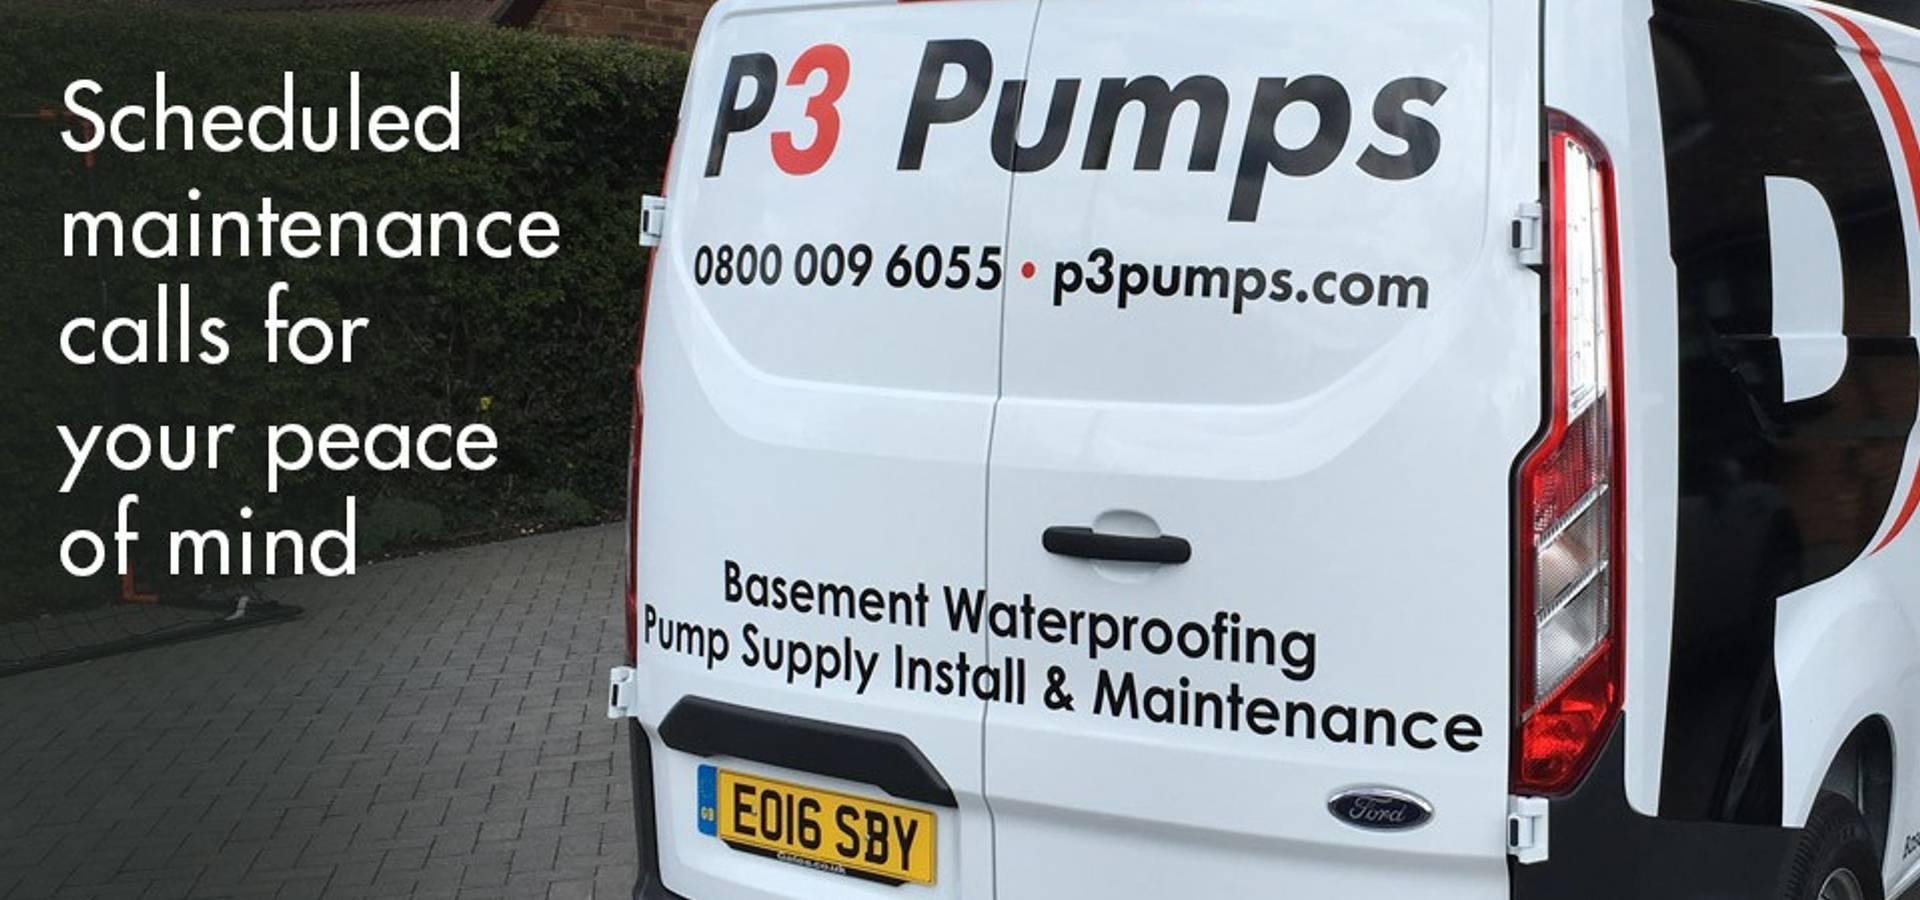 P3 Pumps